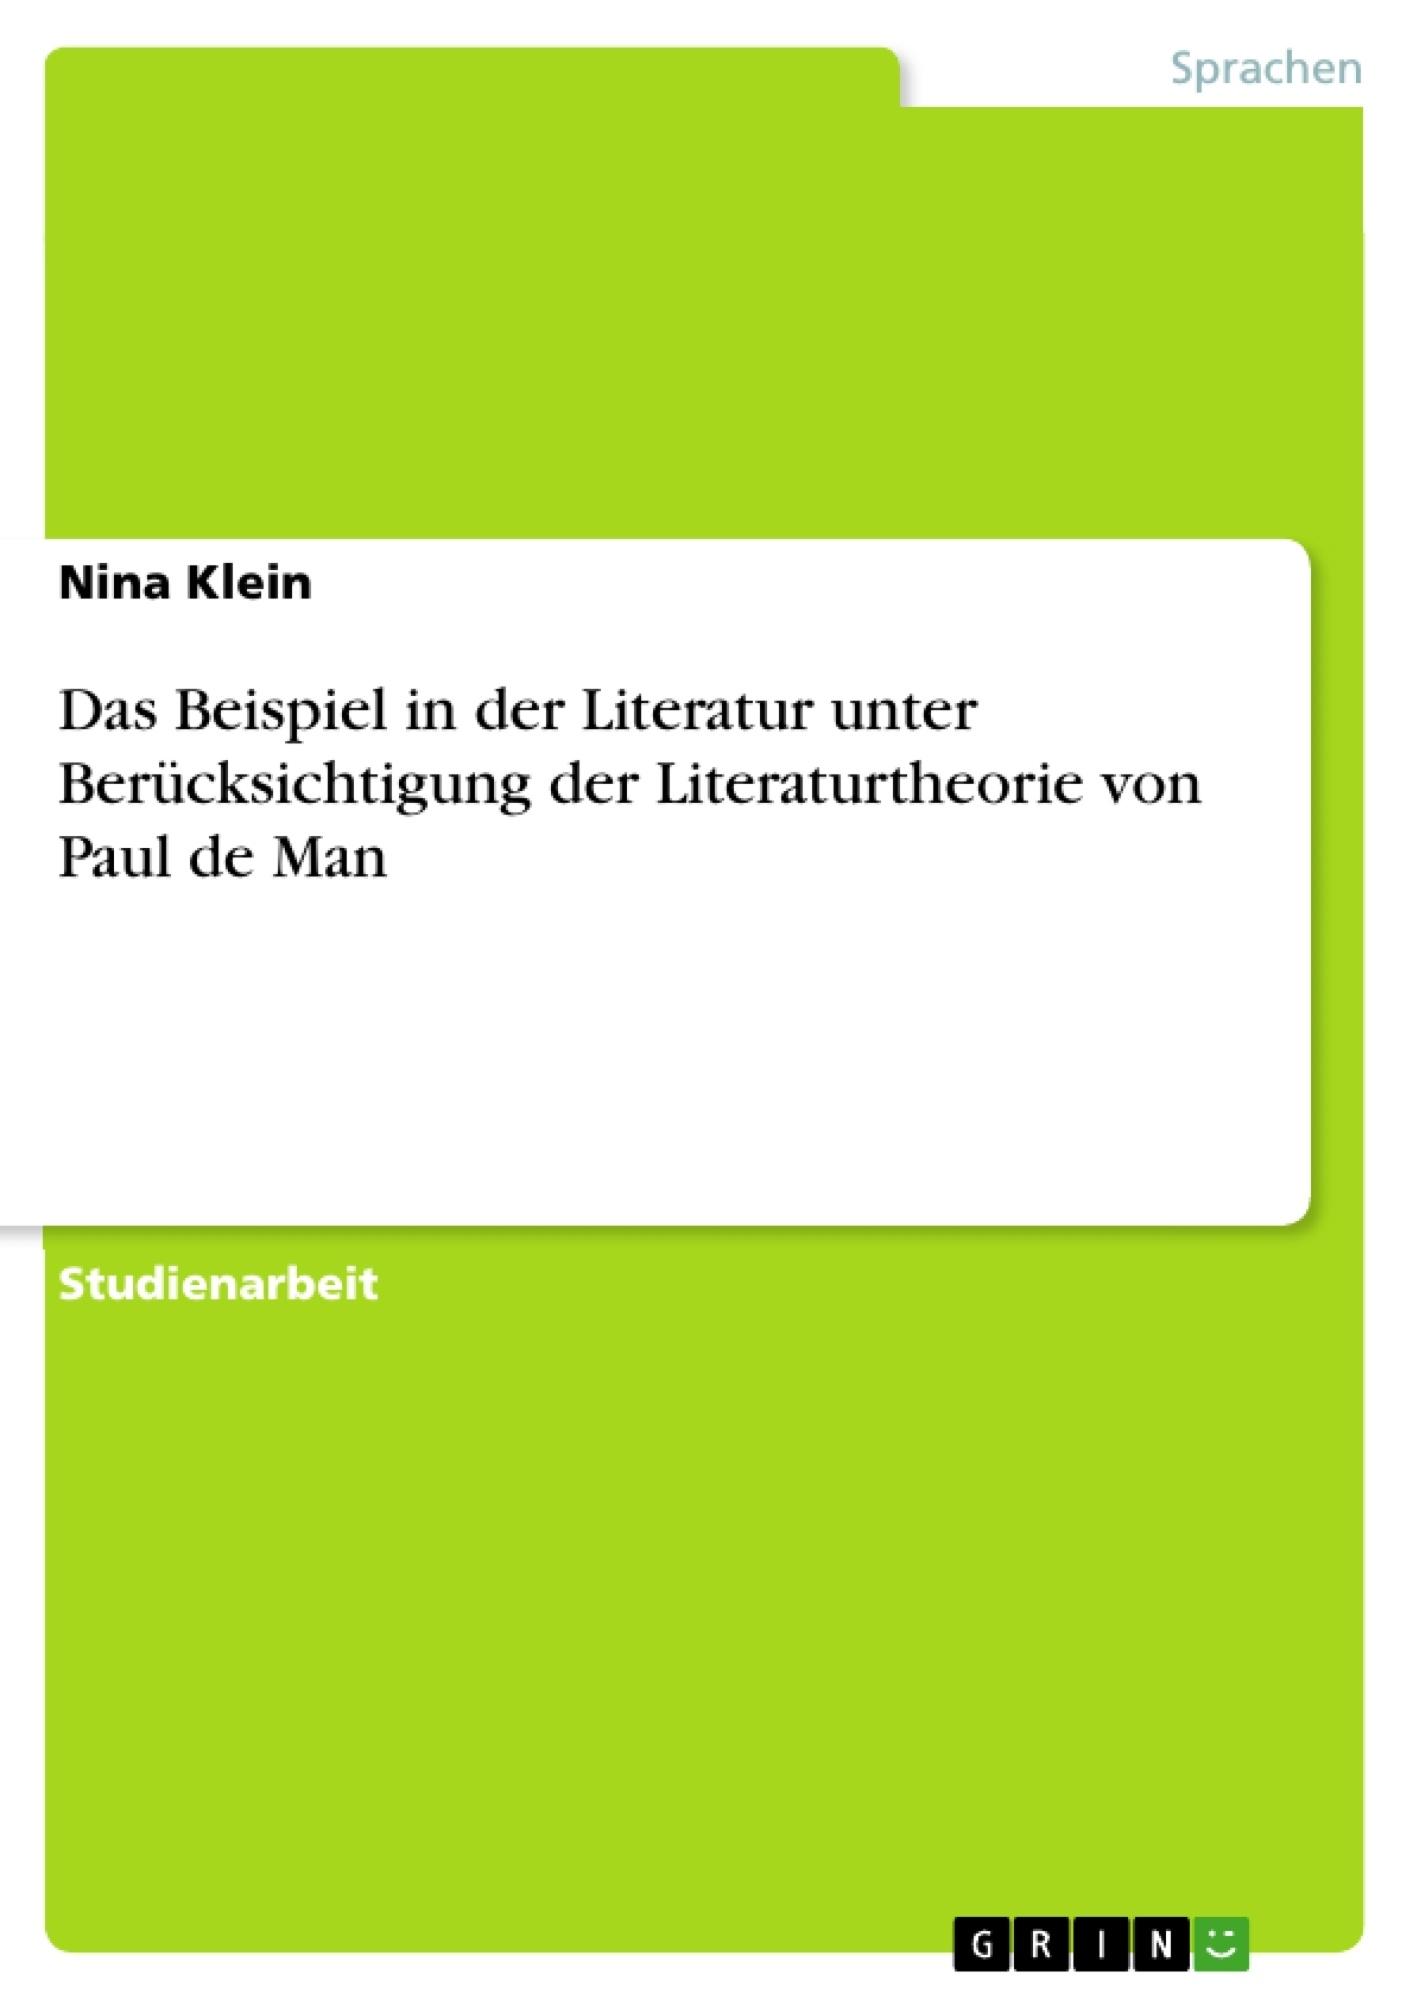 Titel: Das Beispiel in der Literatur unter Berücksichtigung der Literaturtheorie von Paul de Man